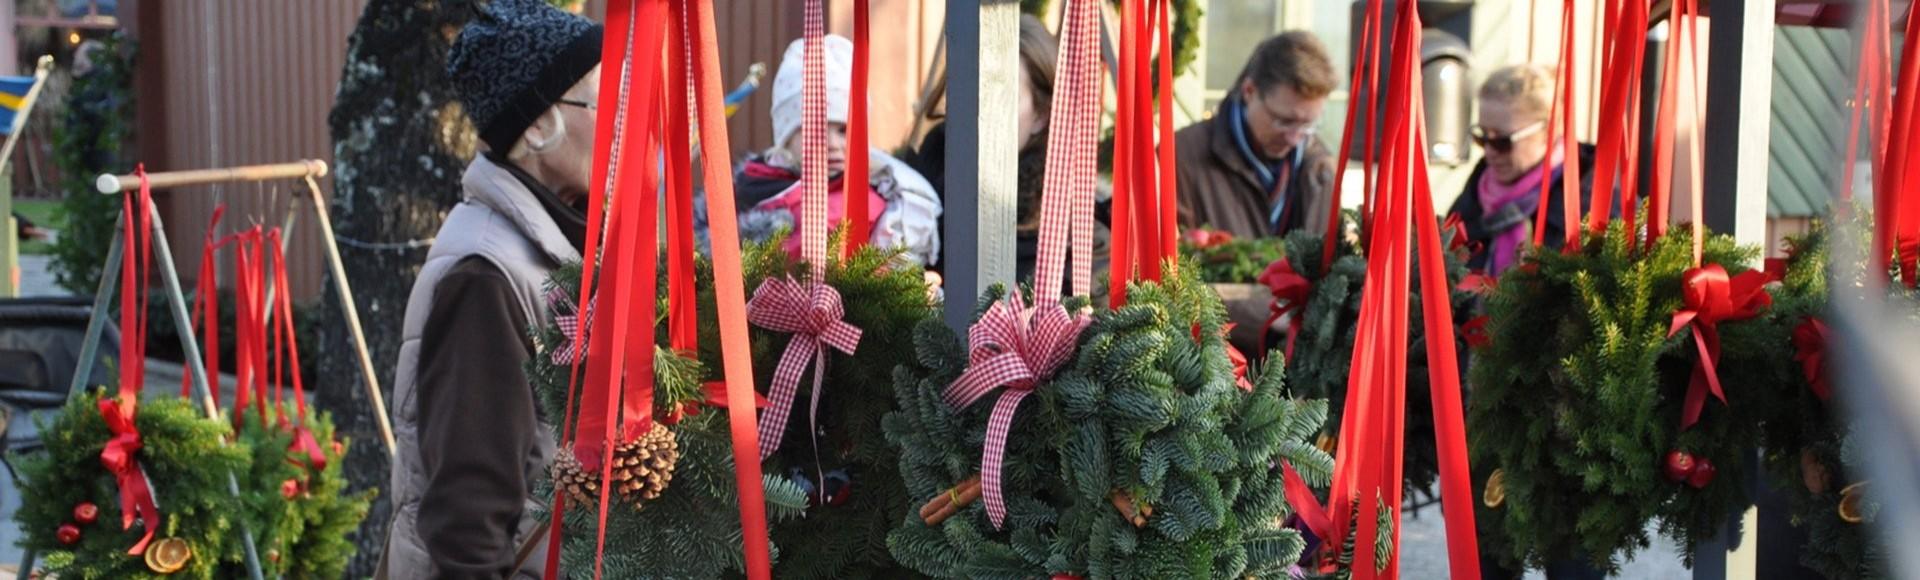 Mercats de Nadal a Sigtuna el 2019